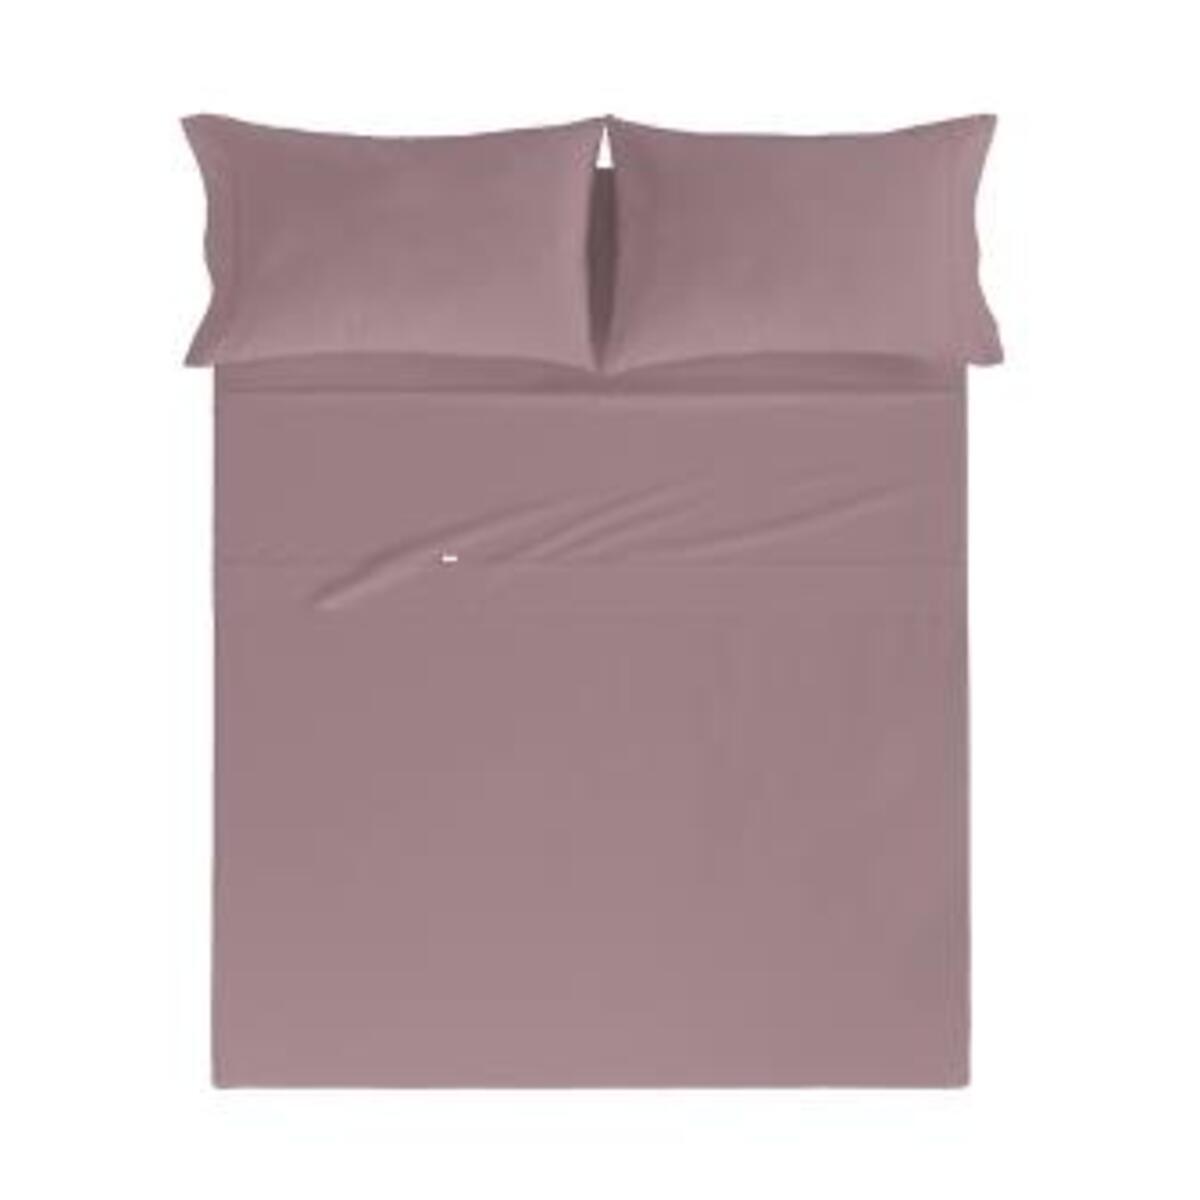 Drap de lit en coton percale mauve 250x280 cm